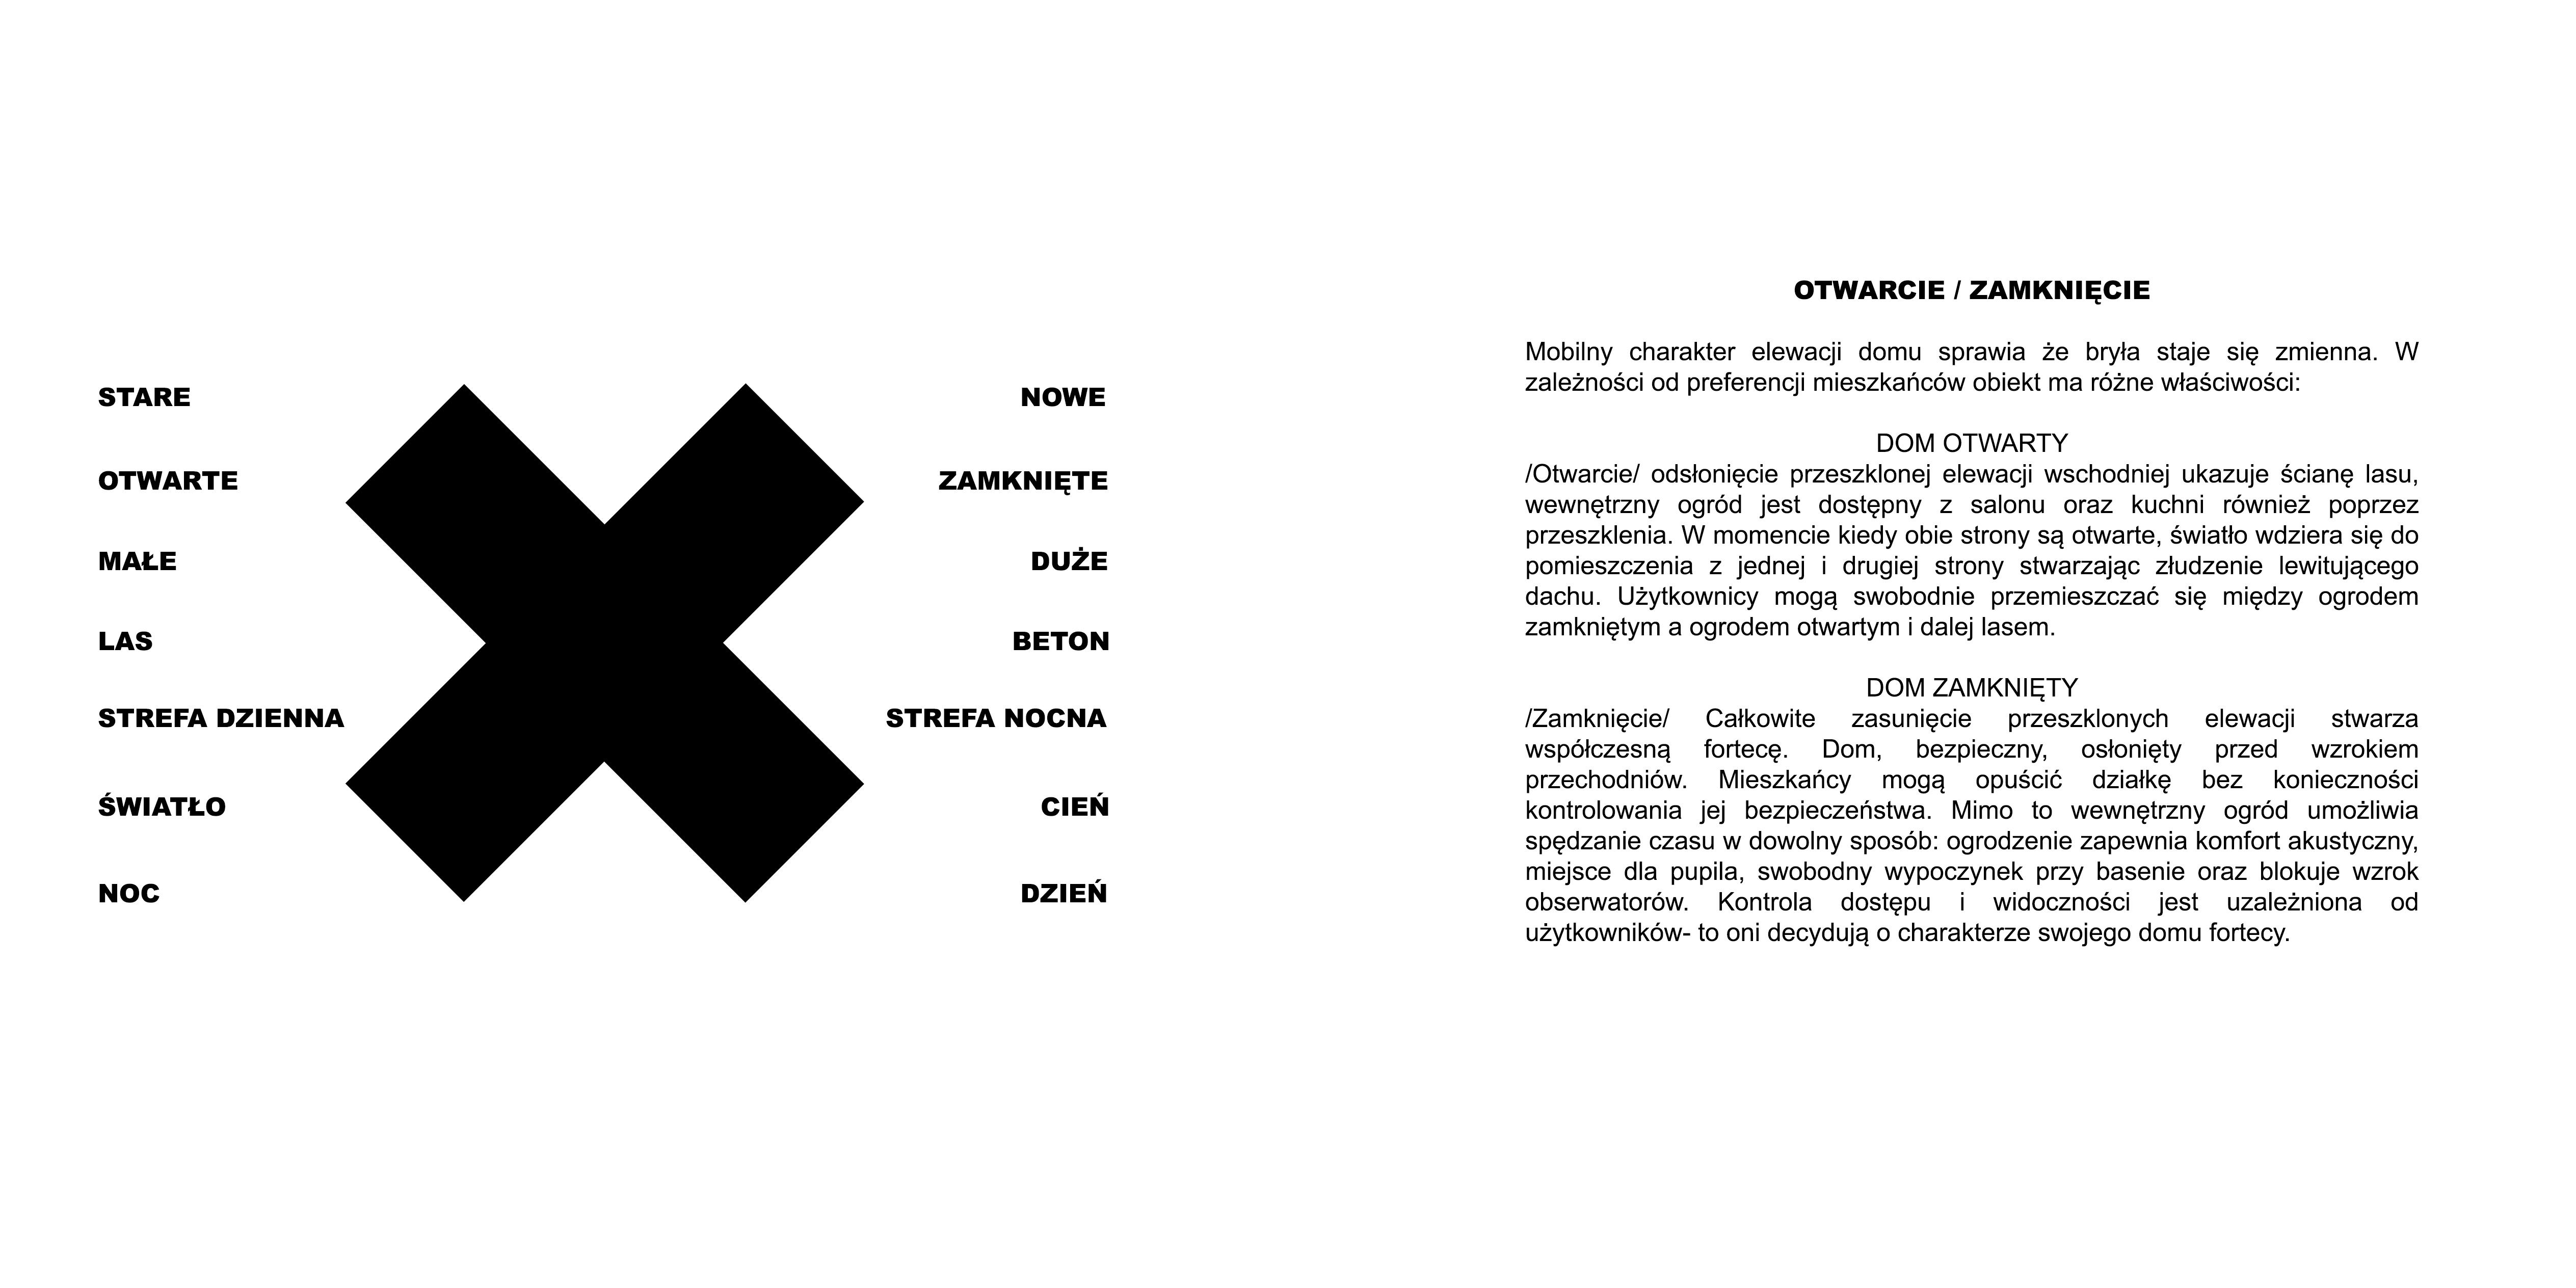 Forteca XS - Otwarcie/Zamknięcie